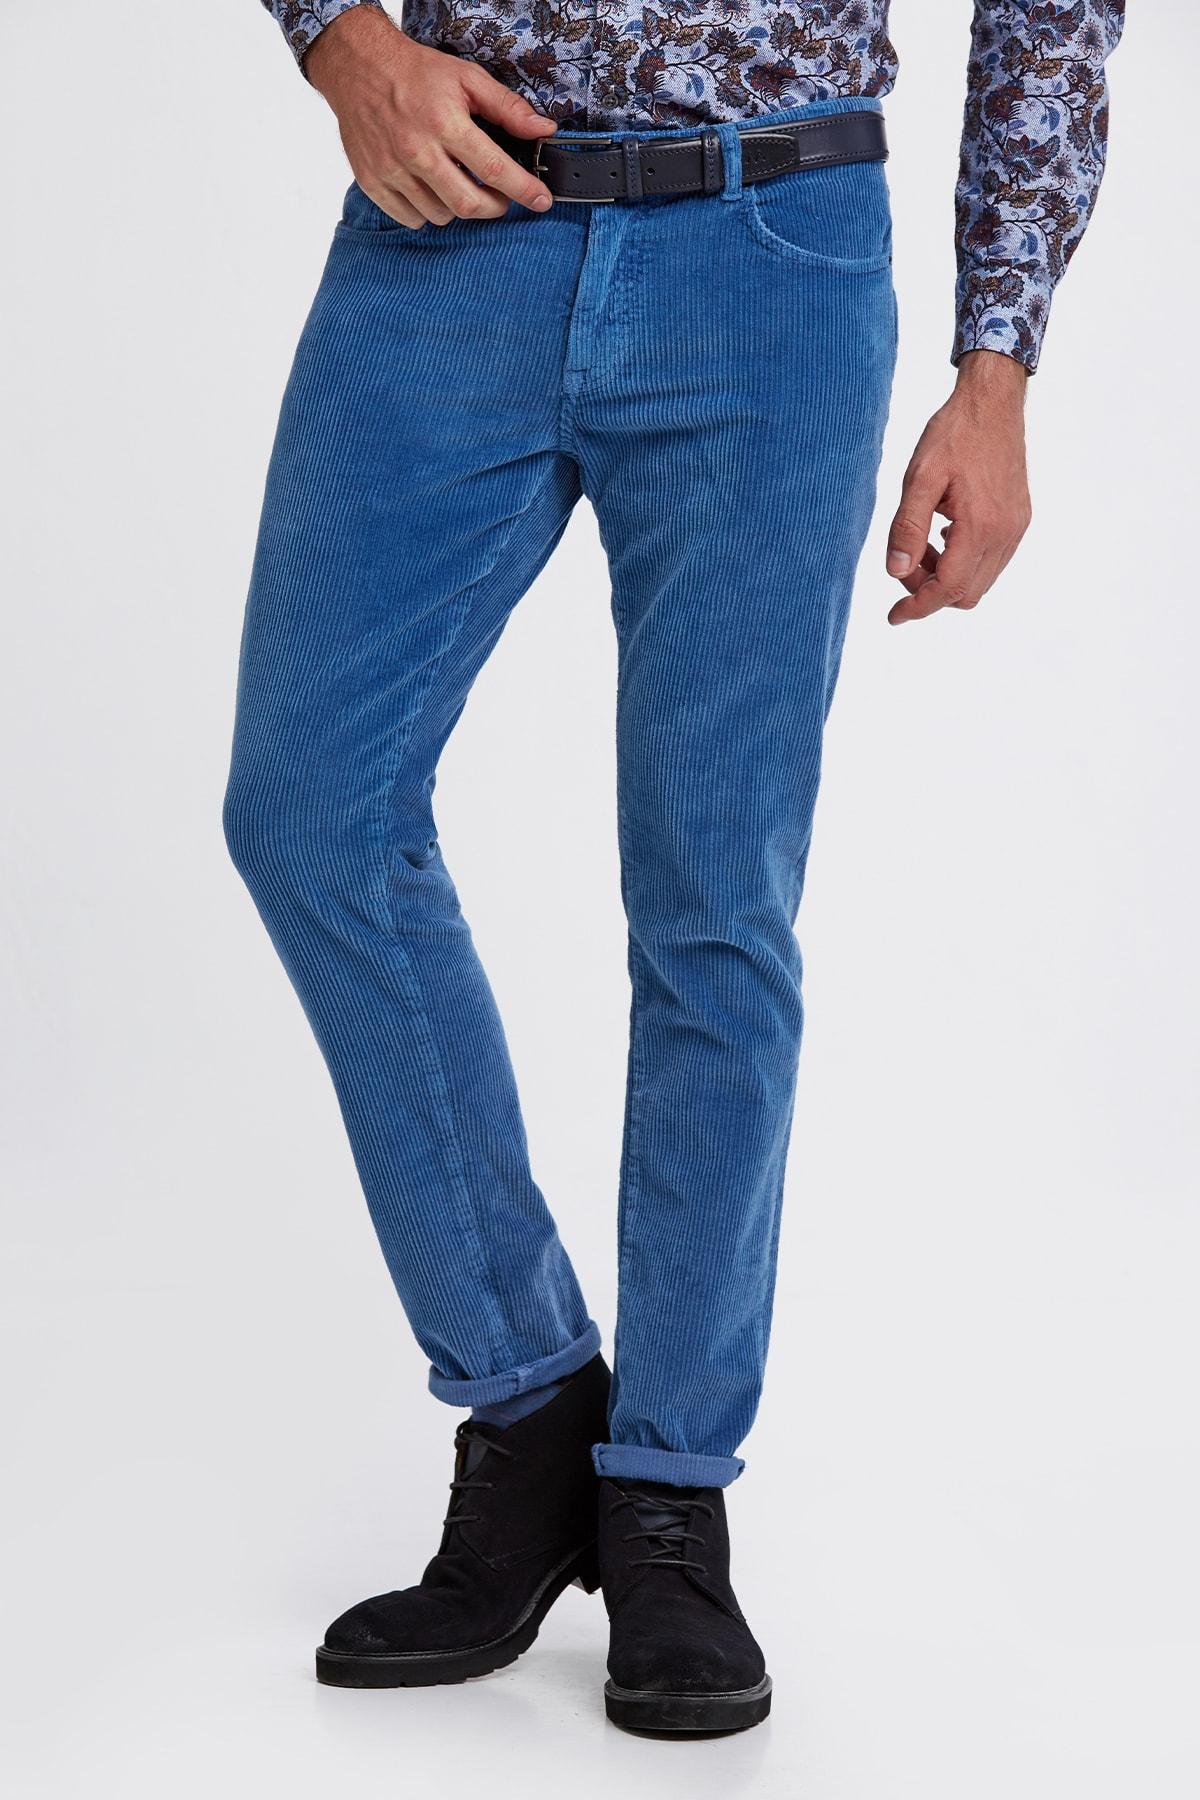 Hemington Erkek Mavi Slim Fit Koyu Kadife Pantolon 1